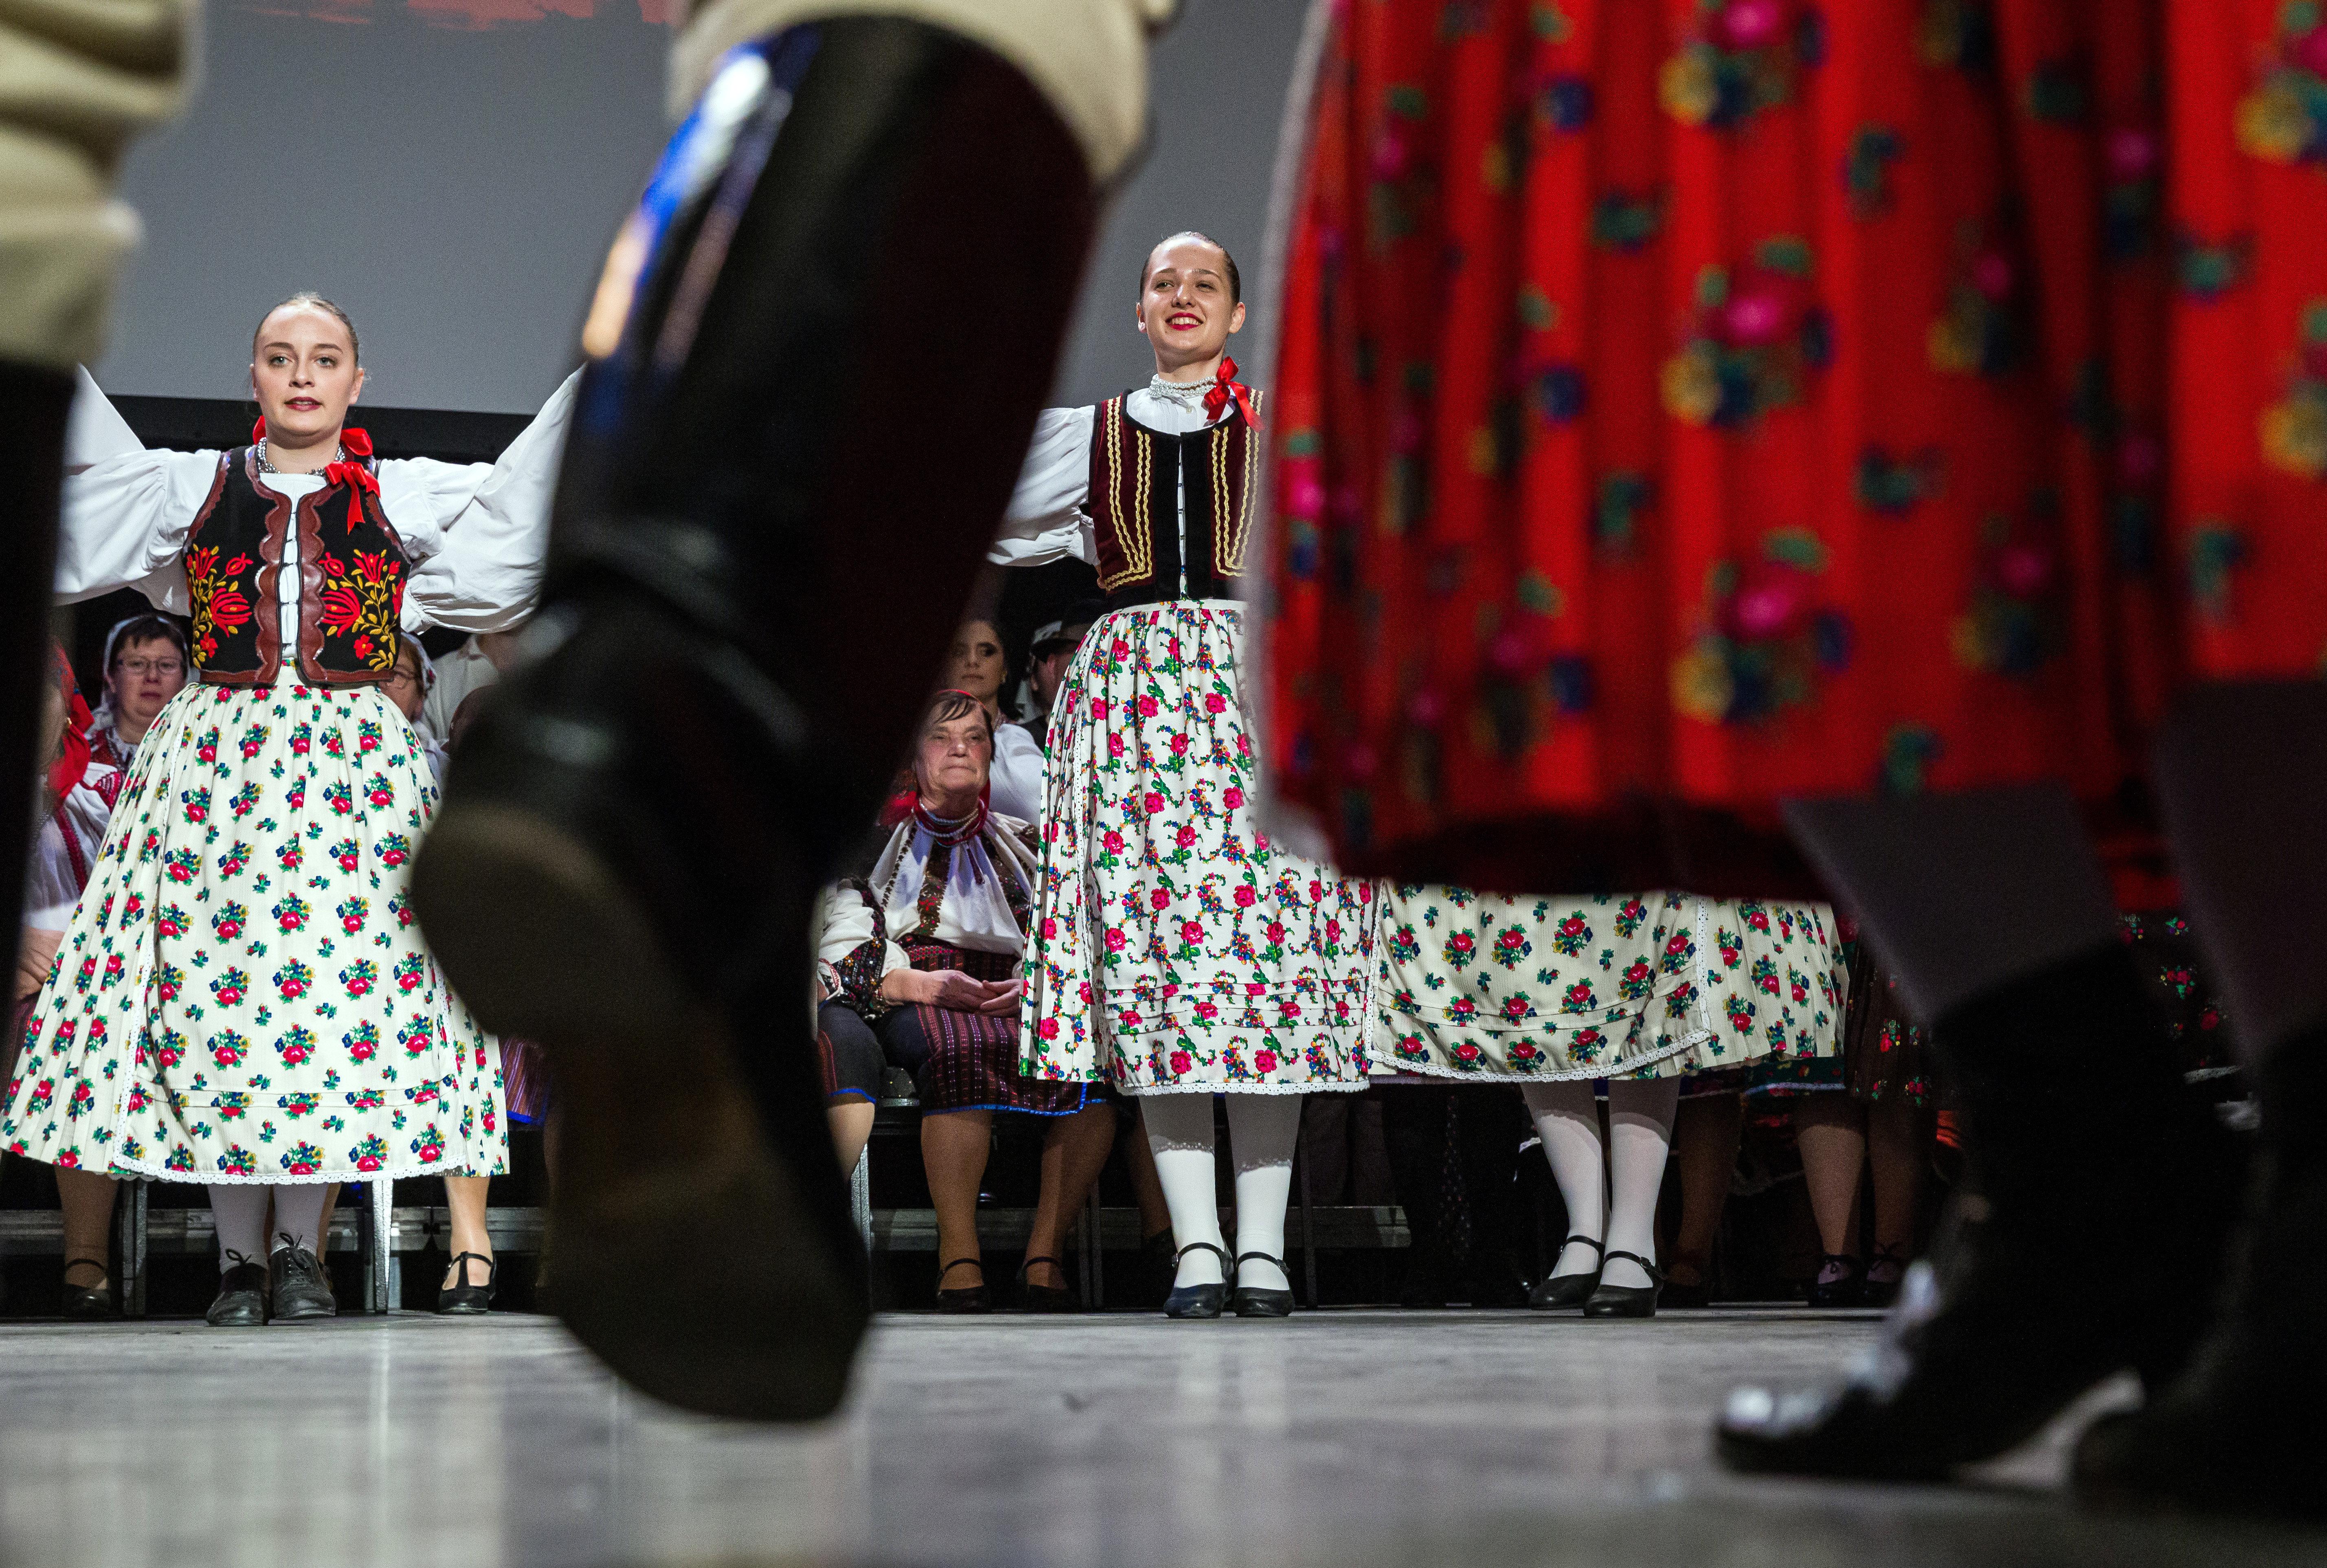 Regierung hilft ethnischen ungarischen Gemeinschaften mit 2,2 Mrd. Forint post's picture